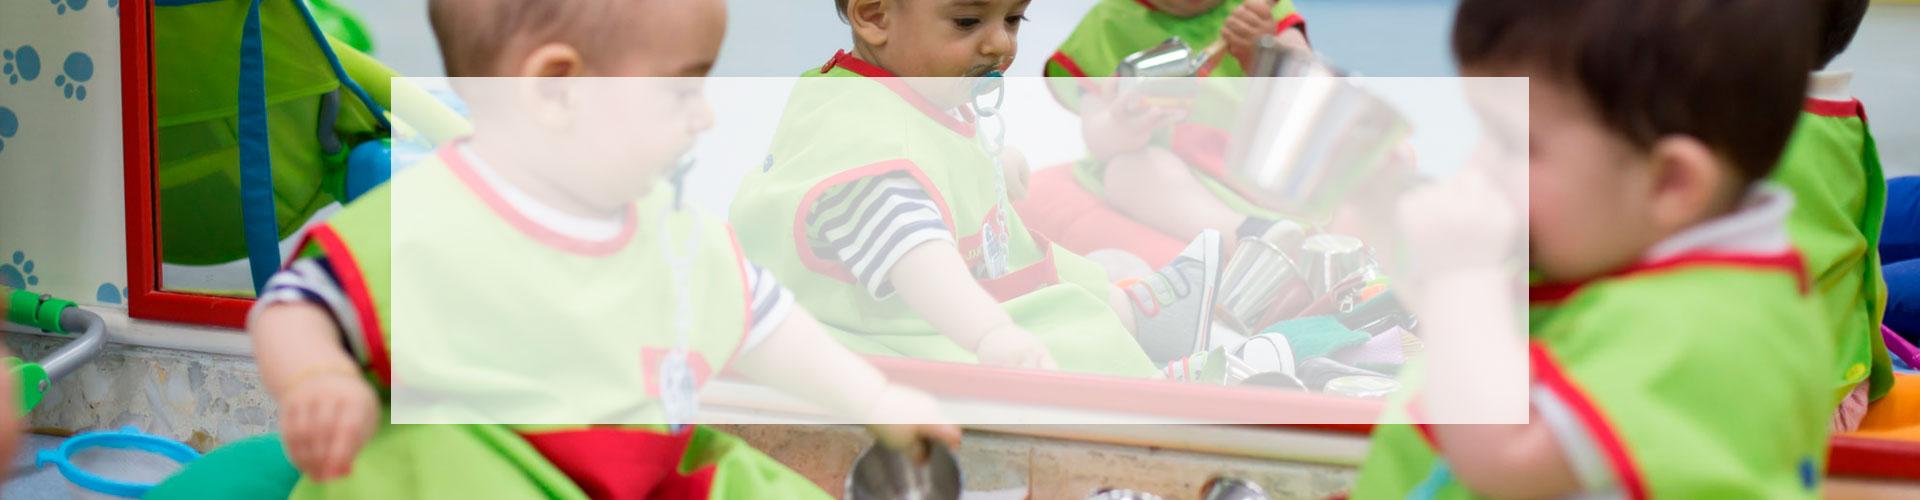 Escola Infantil Abrente 0-3 anos